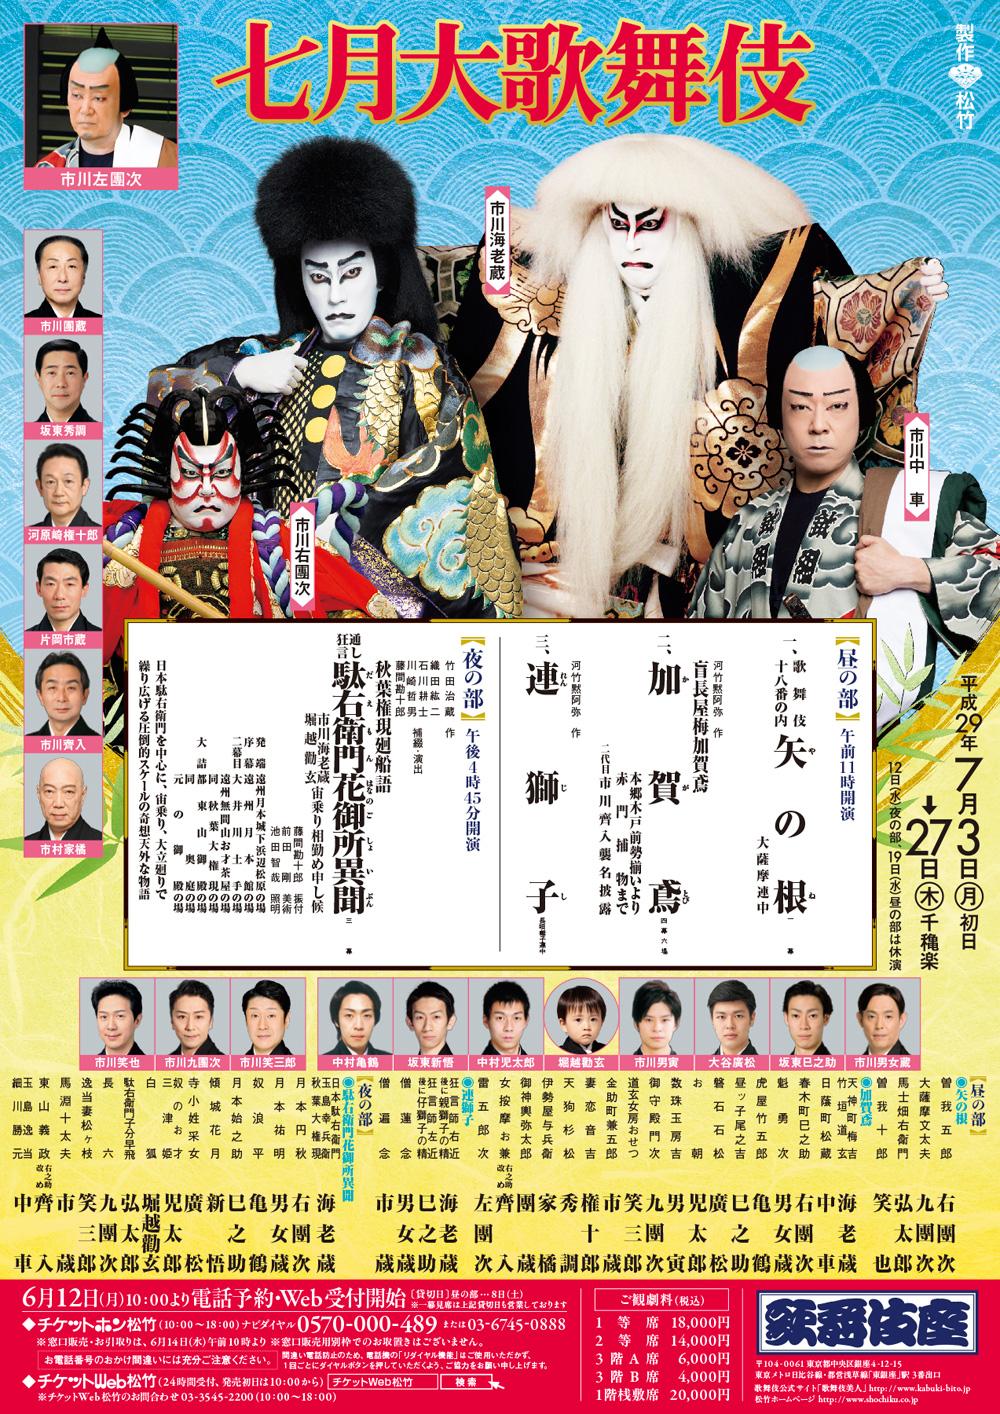 http://www.kabuki-bito.jp/uploads/images/kouen/531/kabukiza_201707_fff_339eb863121b1ada517d0ccbc5f80b3c.jpg